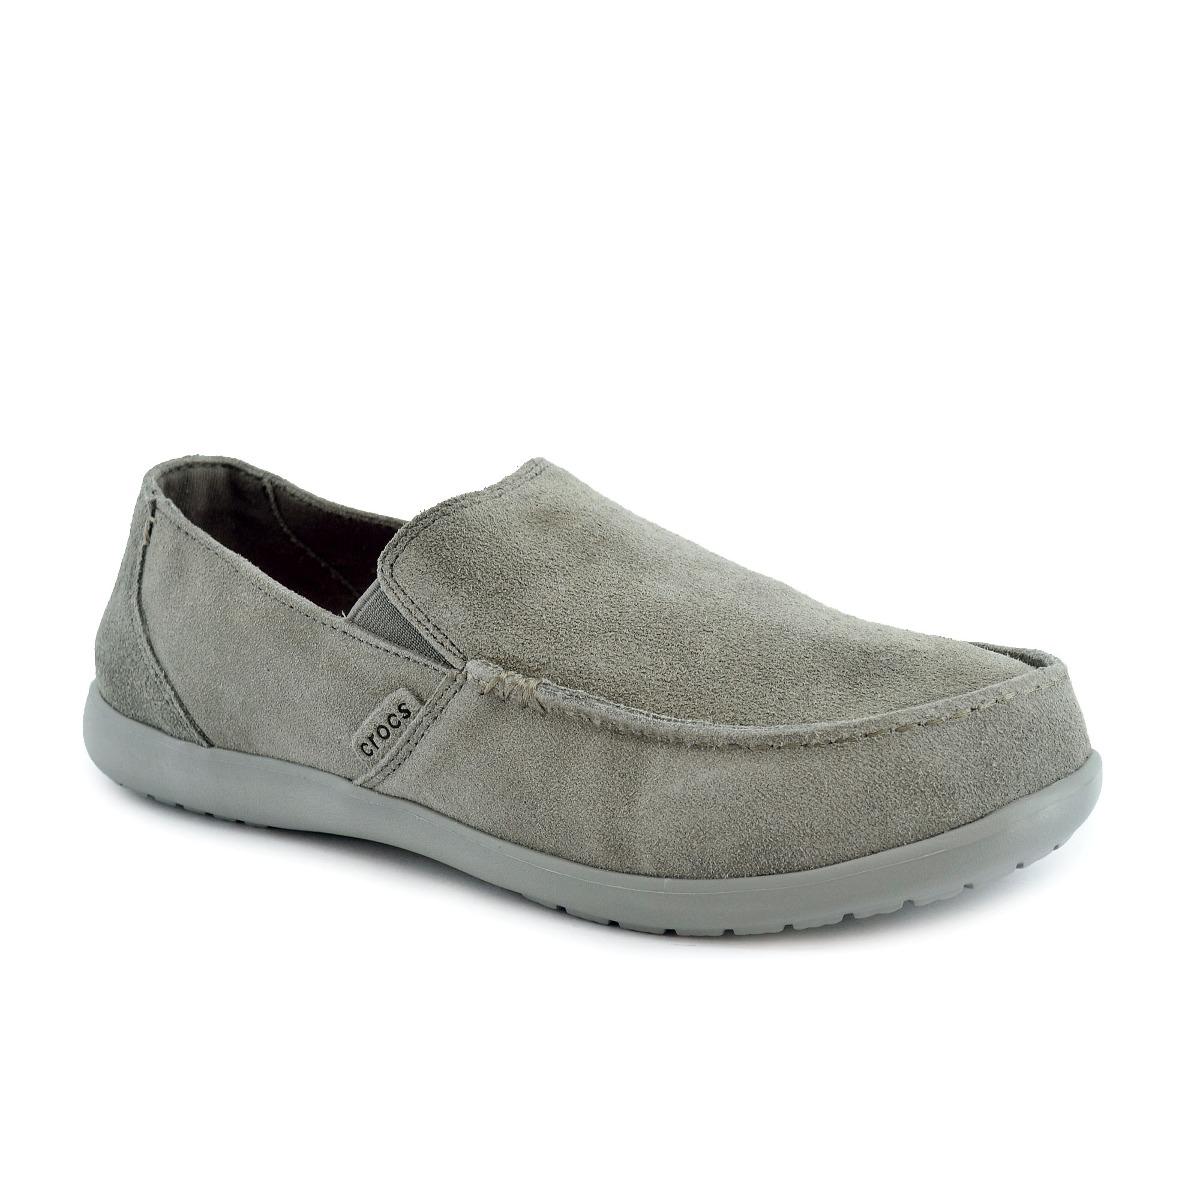 Santa Suede 00 Gris1 Cruz Crocs Mercado Zapato Libre Hombre En 100 TlK31cFJ